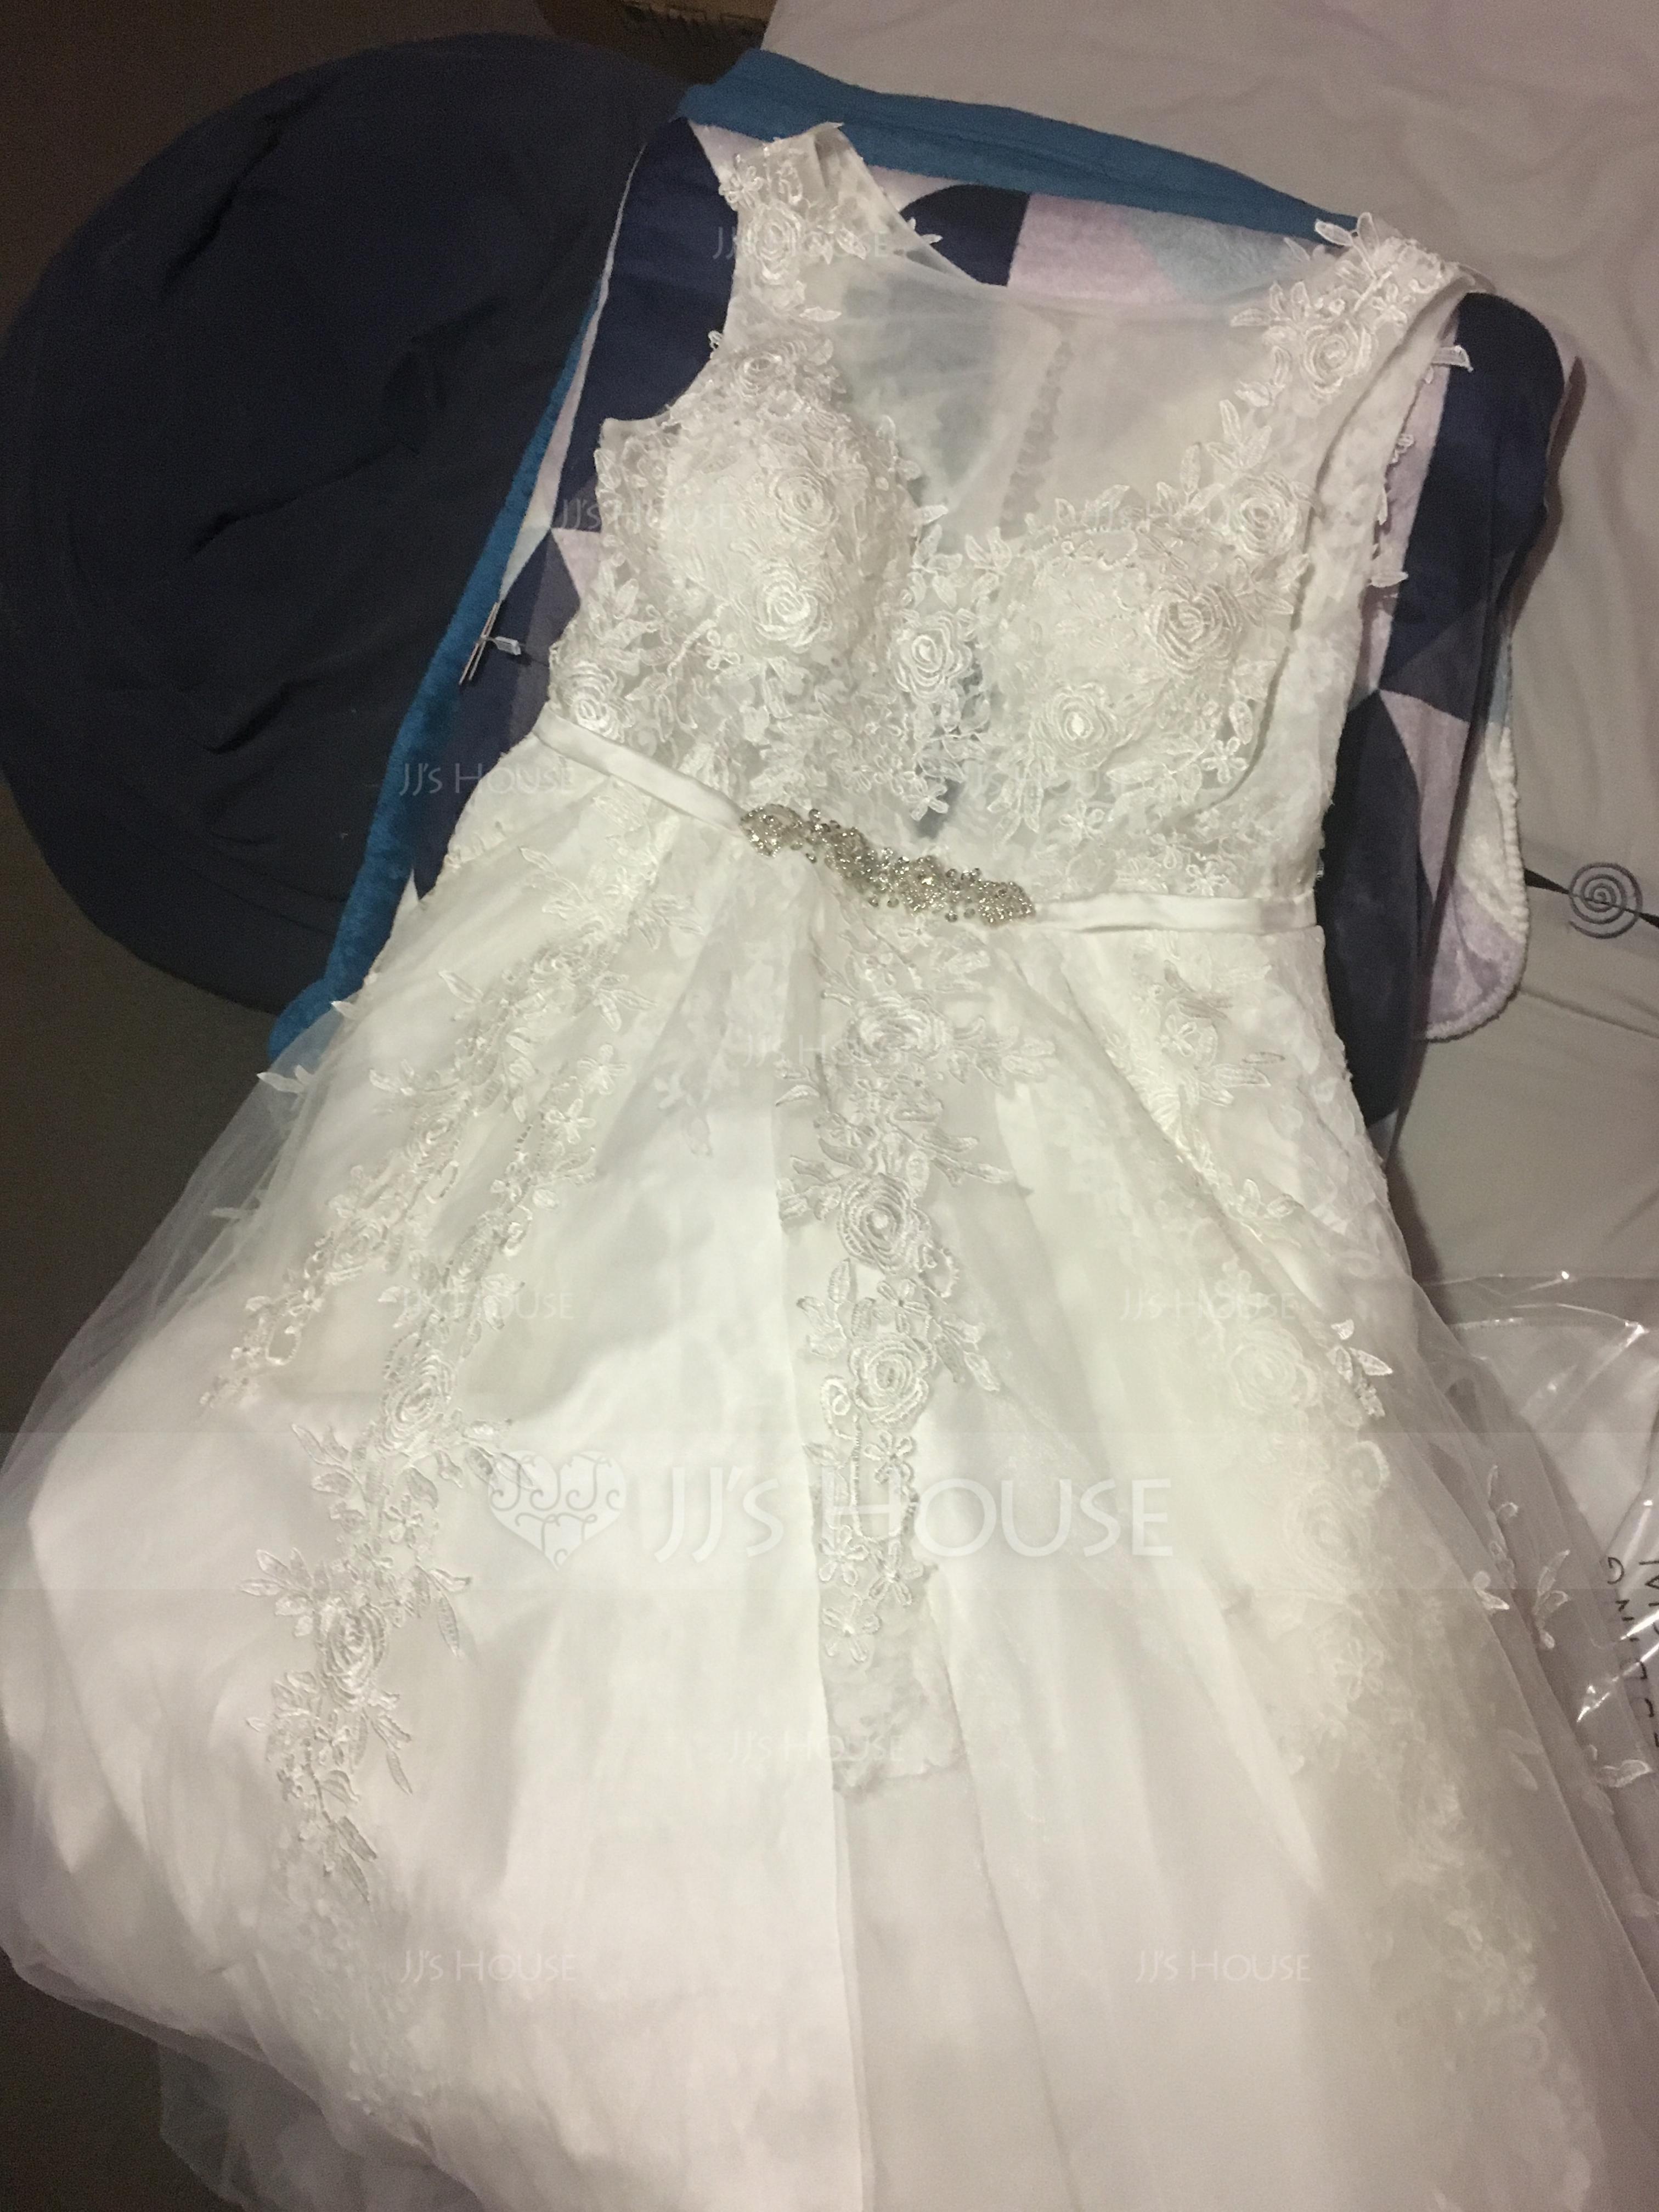 Duchesse-Linie U-Ausschnitt Kathedrale Schleppe Tüll Spitze Brautkleid mit Perlstickerei Taschen (002107826)